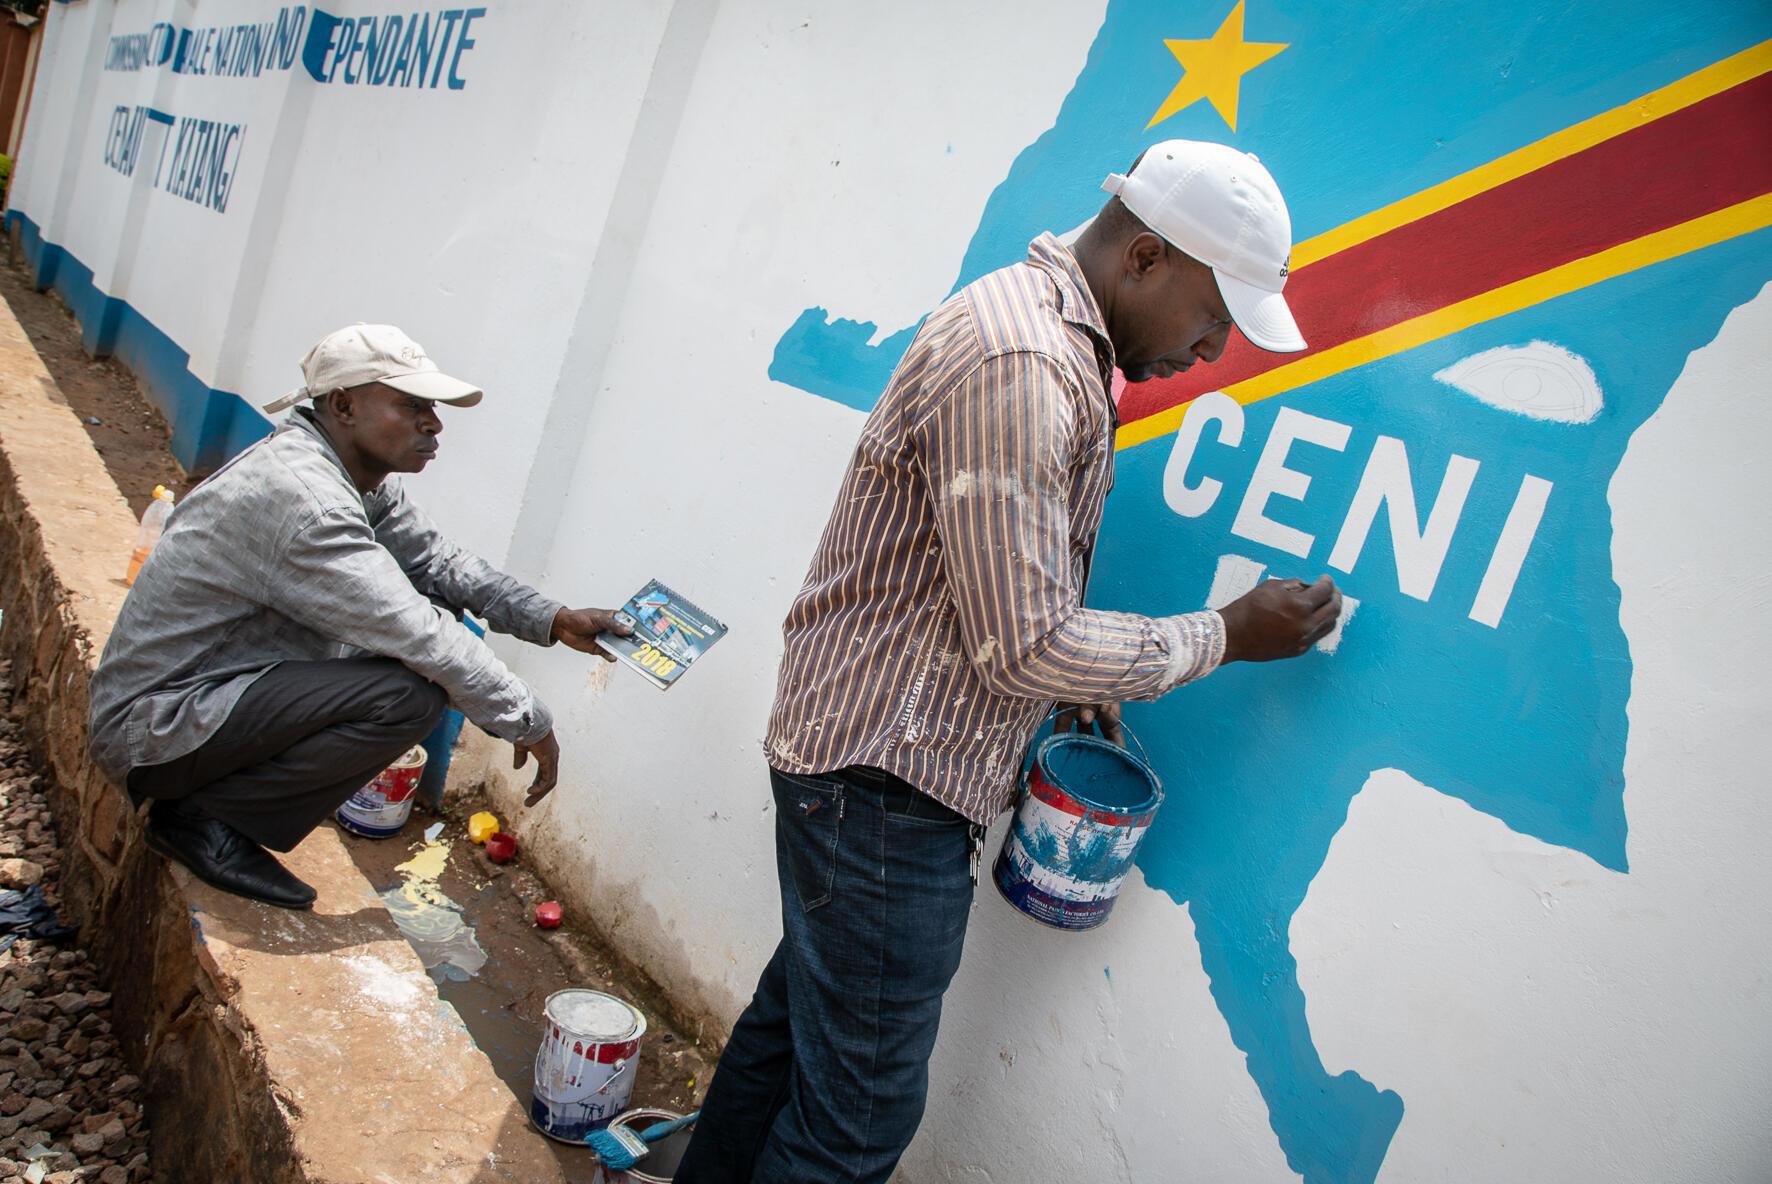 En RDC, l'actualité politique est dominée par le débat sur les futurs dirigeants de la Céni.